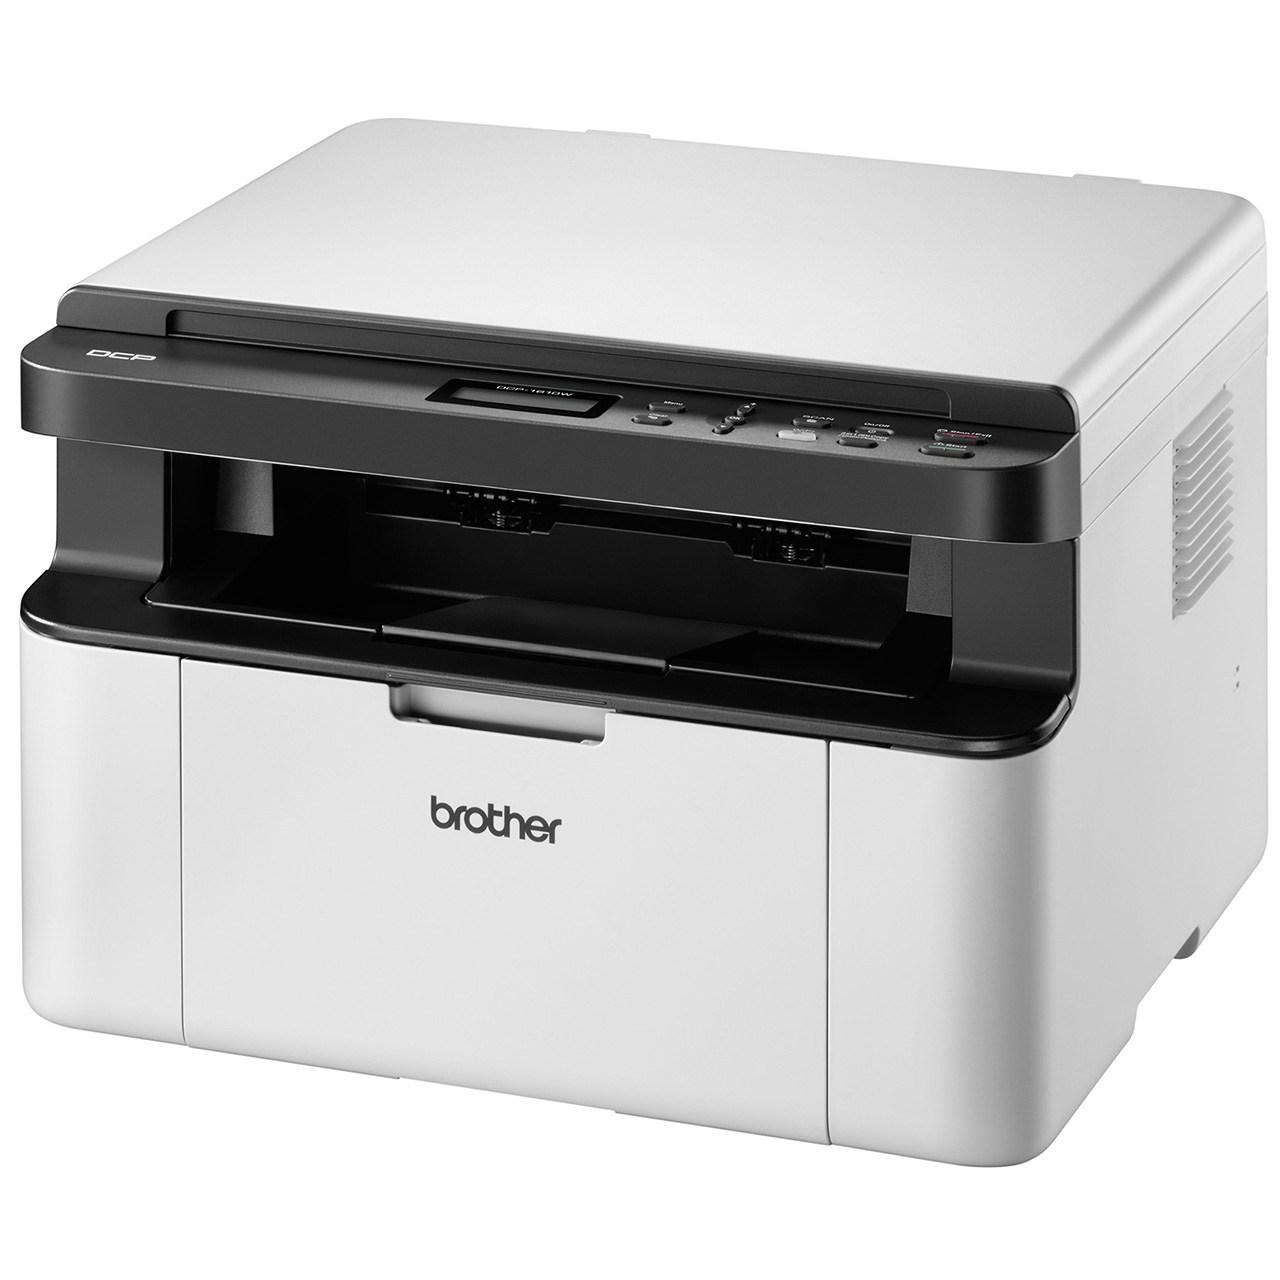 قیمت                      پرینتر لیزری چندکارهی برادر مدل DCP-1610W